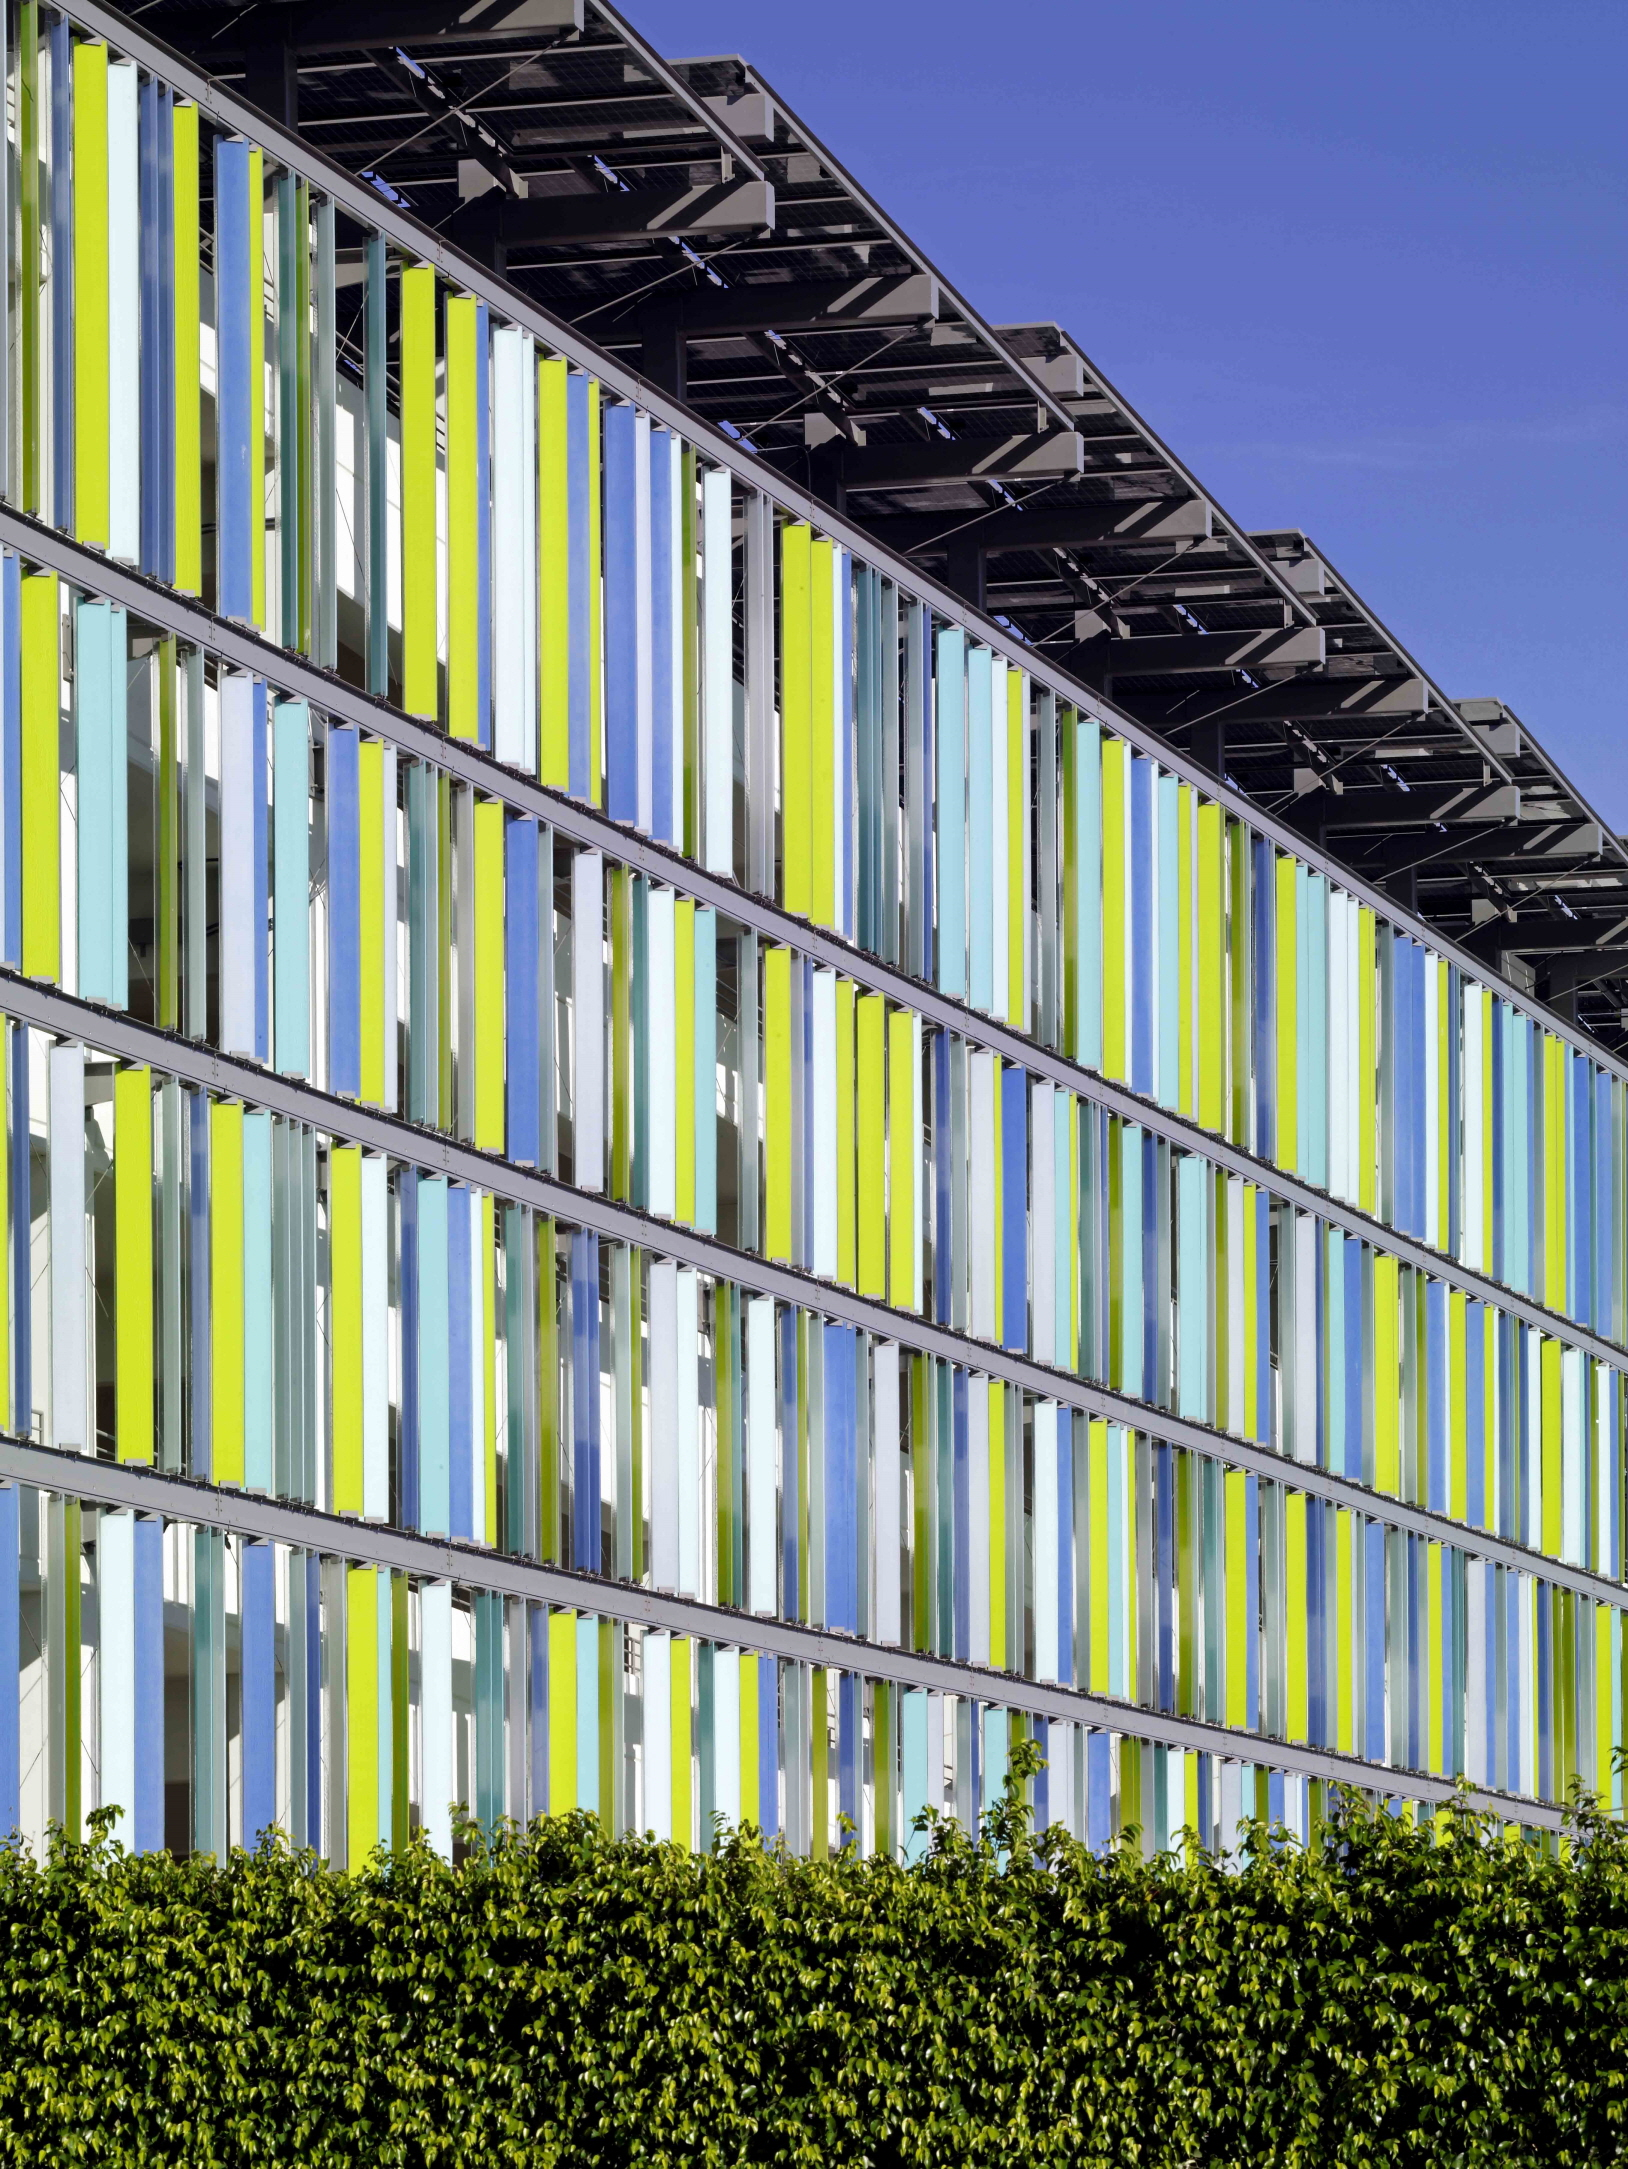 〔안정원의 건축 칼럼〕 태양광 패널, 자연 통풍과 채광이 가능한 지속가능한 주차 공간 2